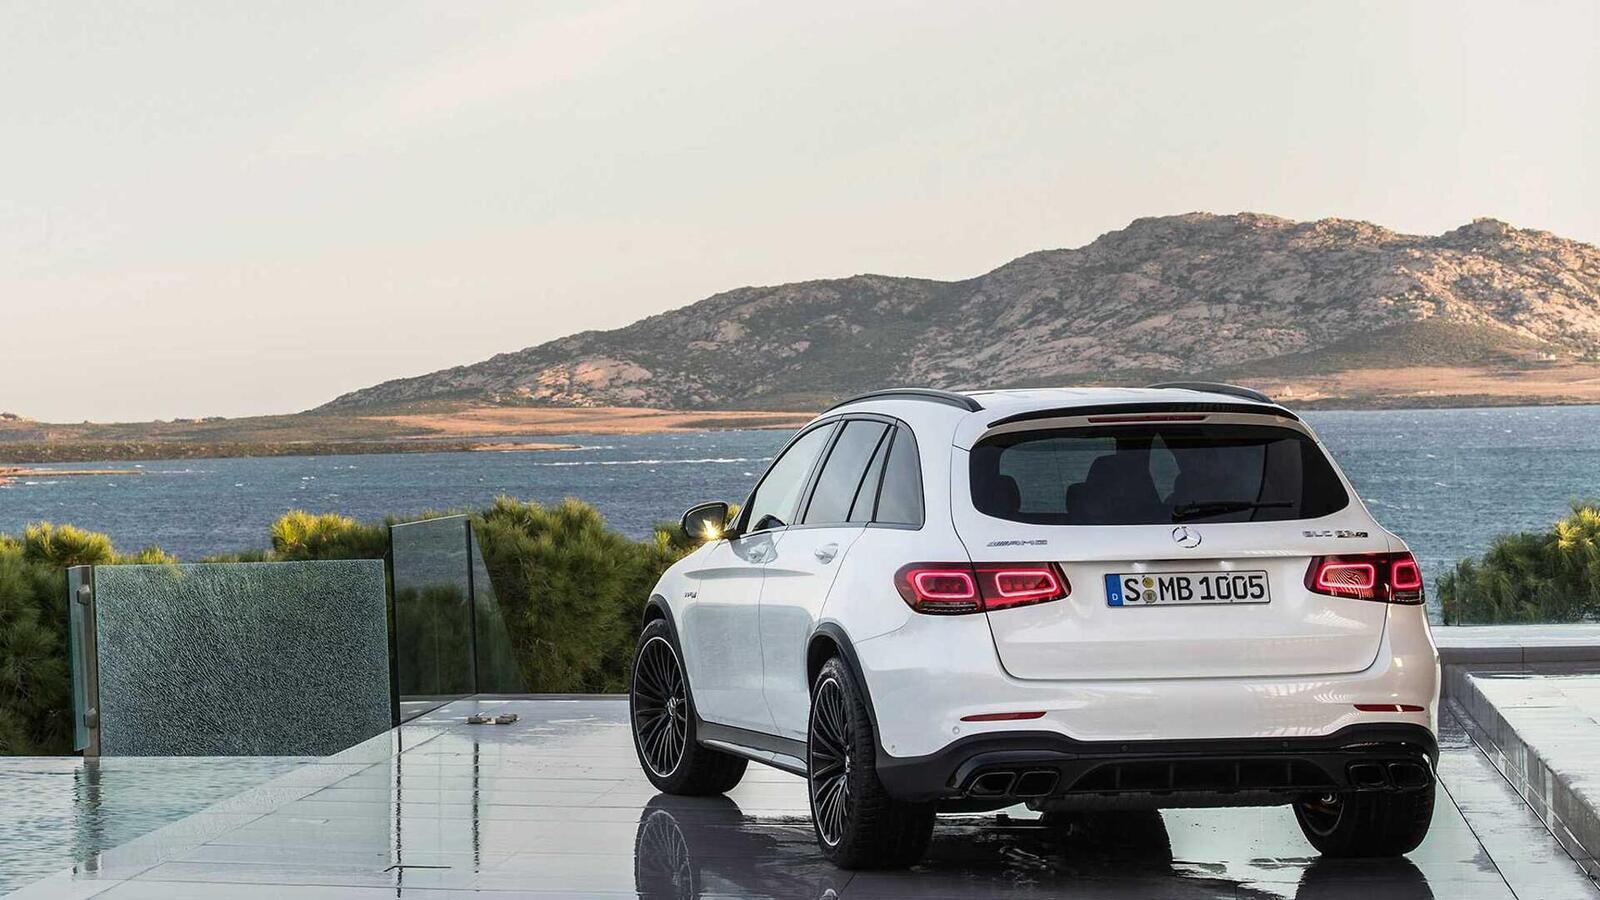 Mercedes-AMG giới thiệu GLC và GLC Coupe 63 mới lắp động cơ V8 4.0L Biturbo mạnh hơn 460 mã lực - Hình 8